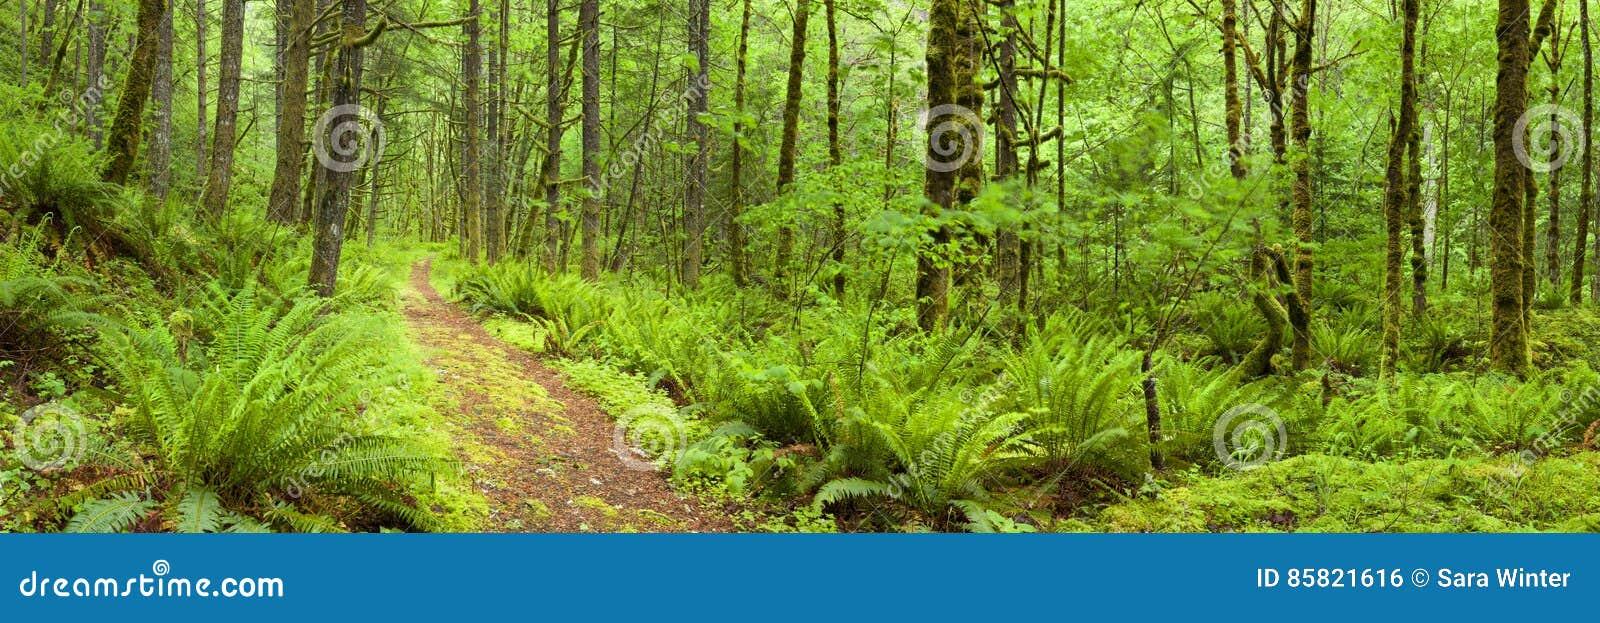 Trajeto através da floresta úmida luxúria, desfiladeiro do Rio Columbia, EUA